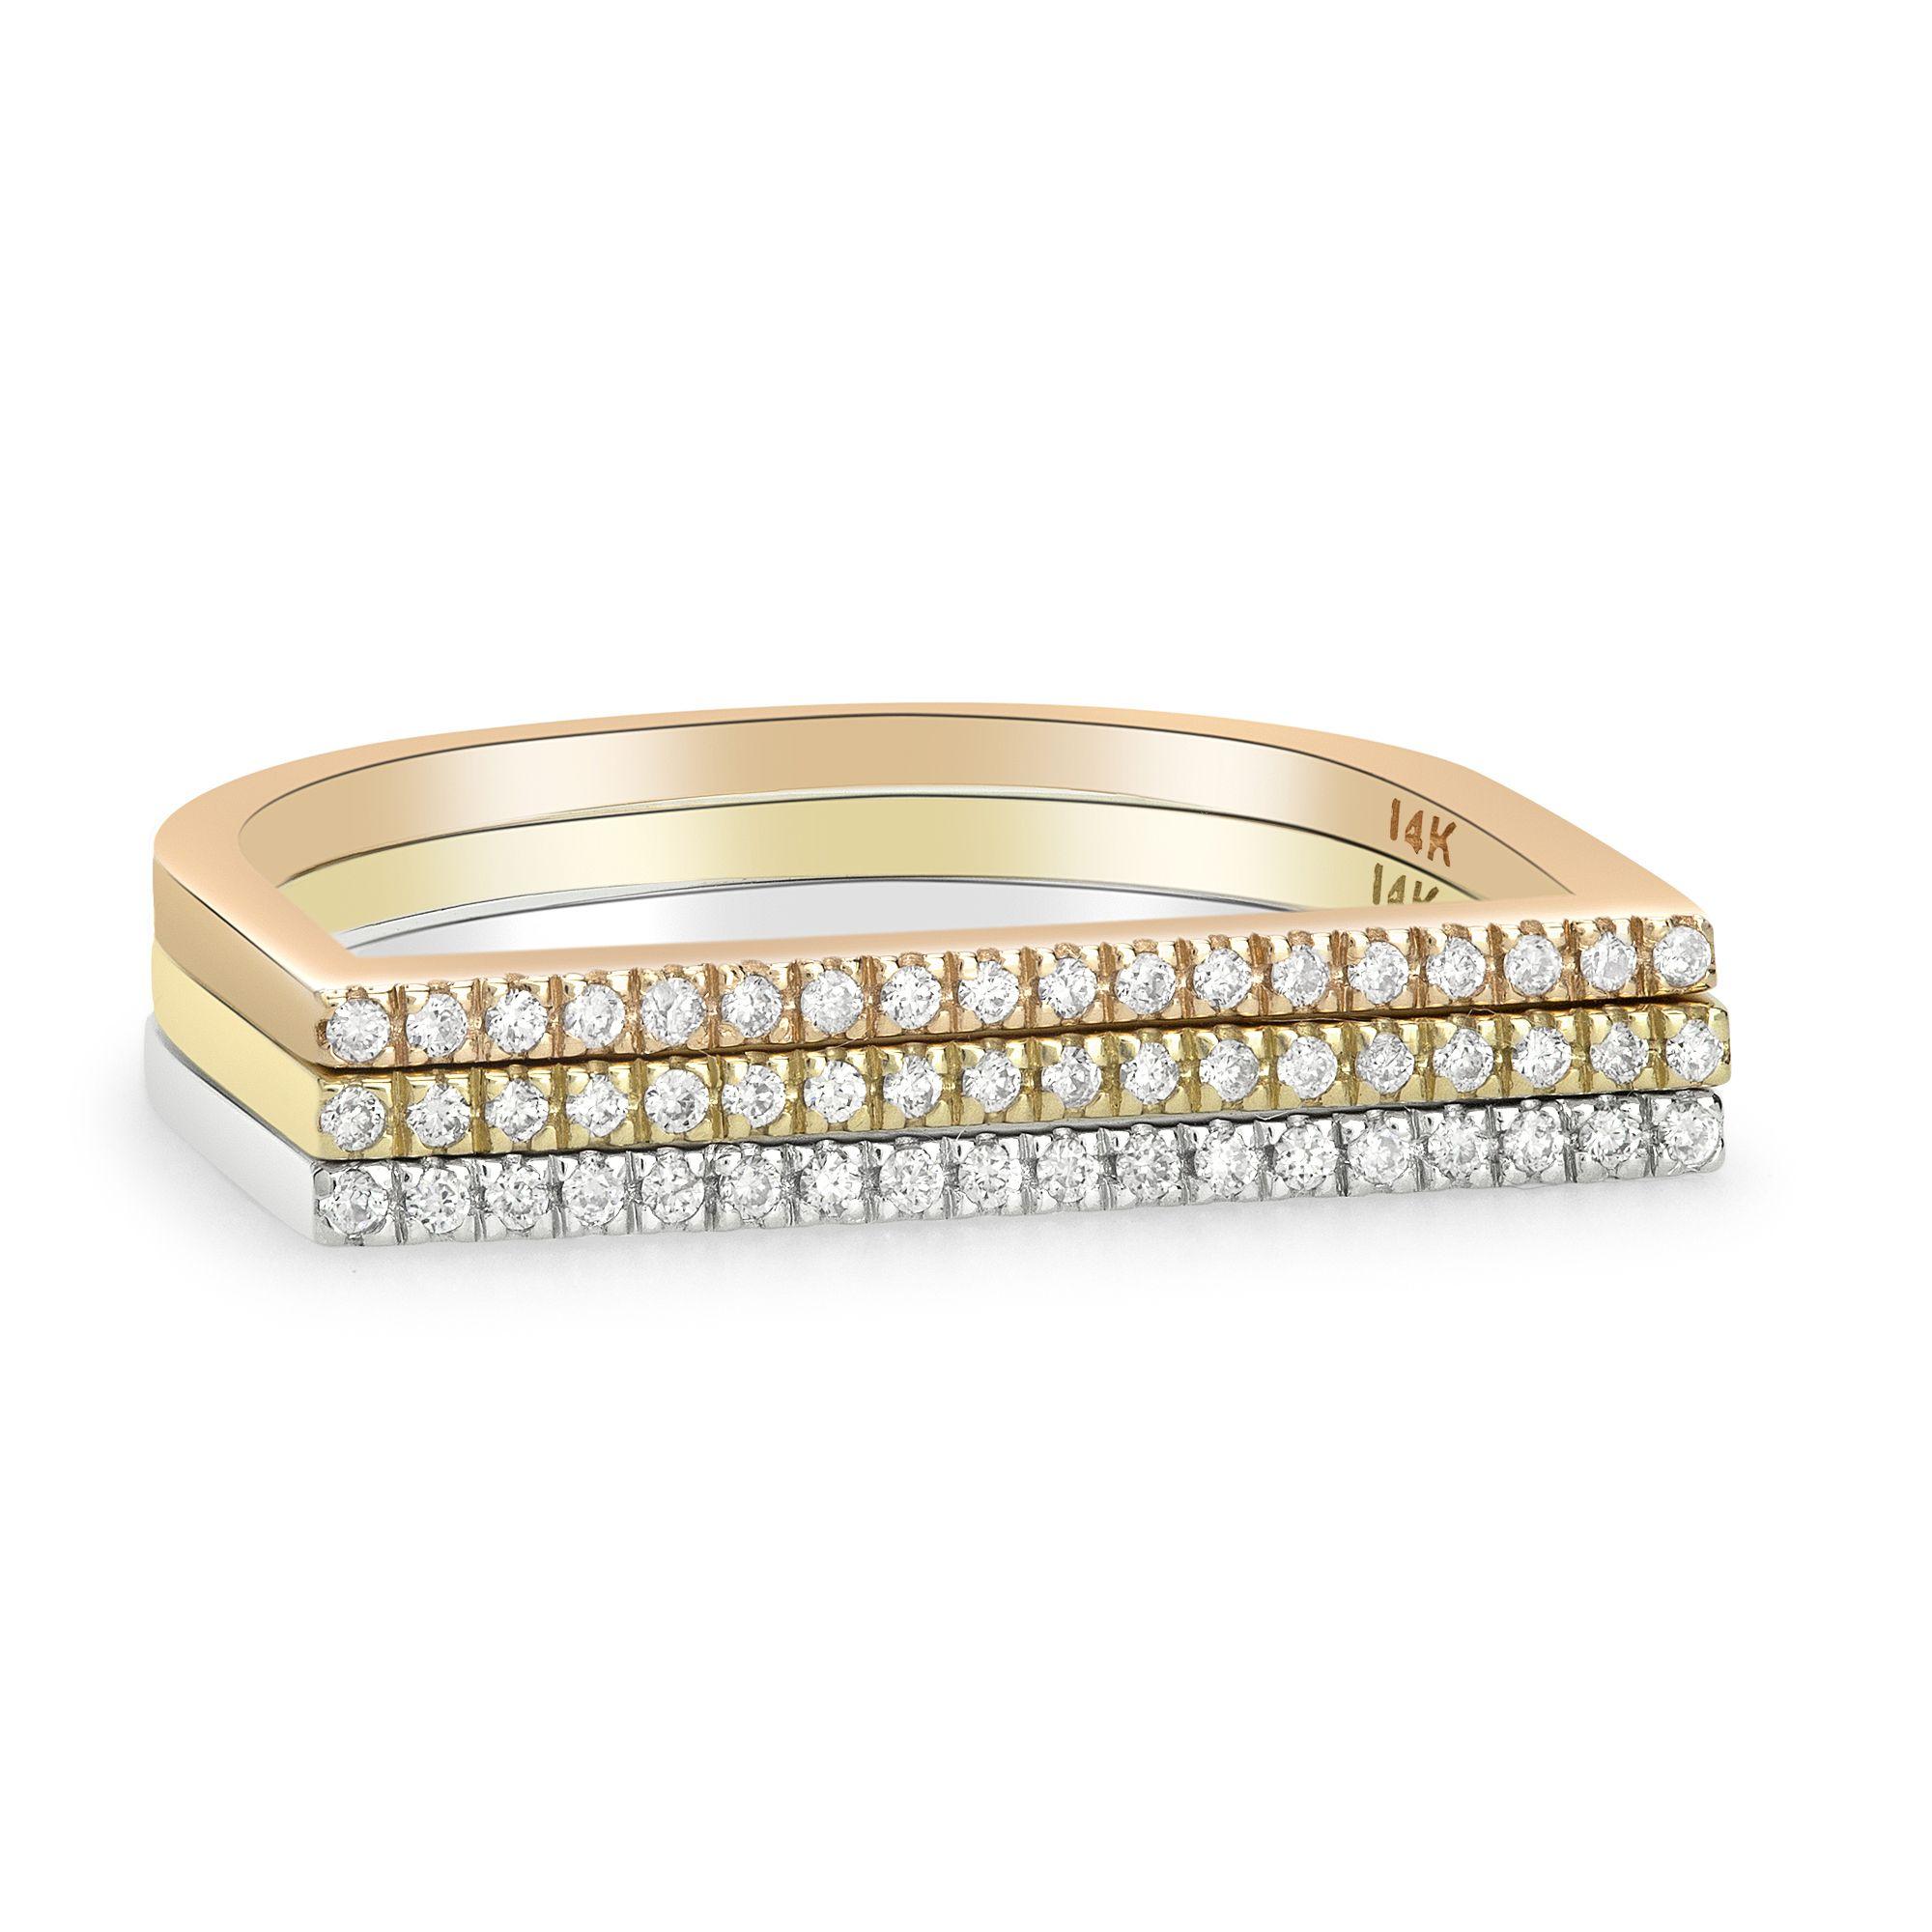 White Gold Yellow Gold Rose Gold Wedding Ring Diamond Etsy Wedding Rings Rose Gold Wedding Ring Diamond Band Diamond Rings Bands